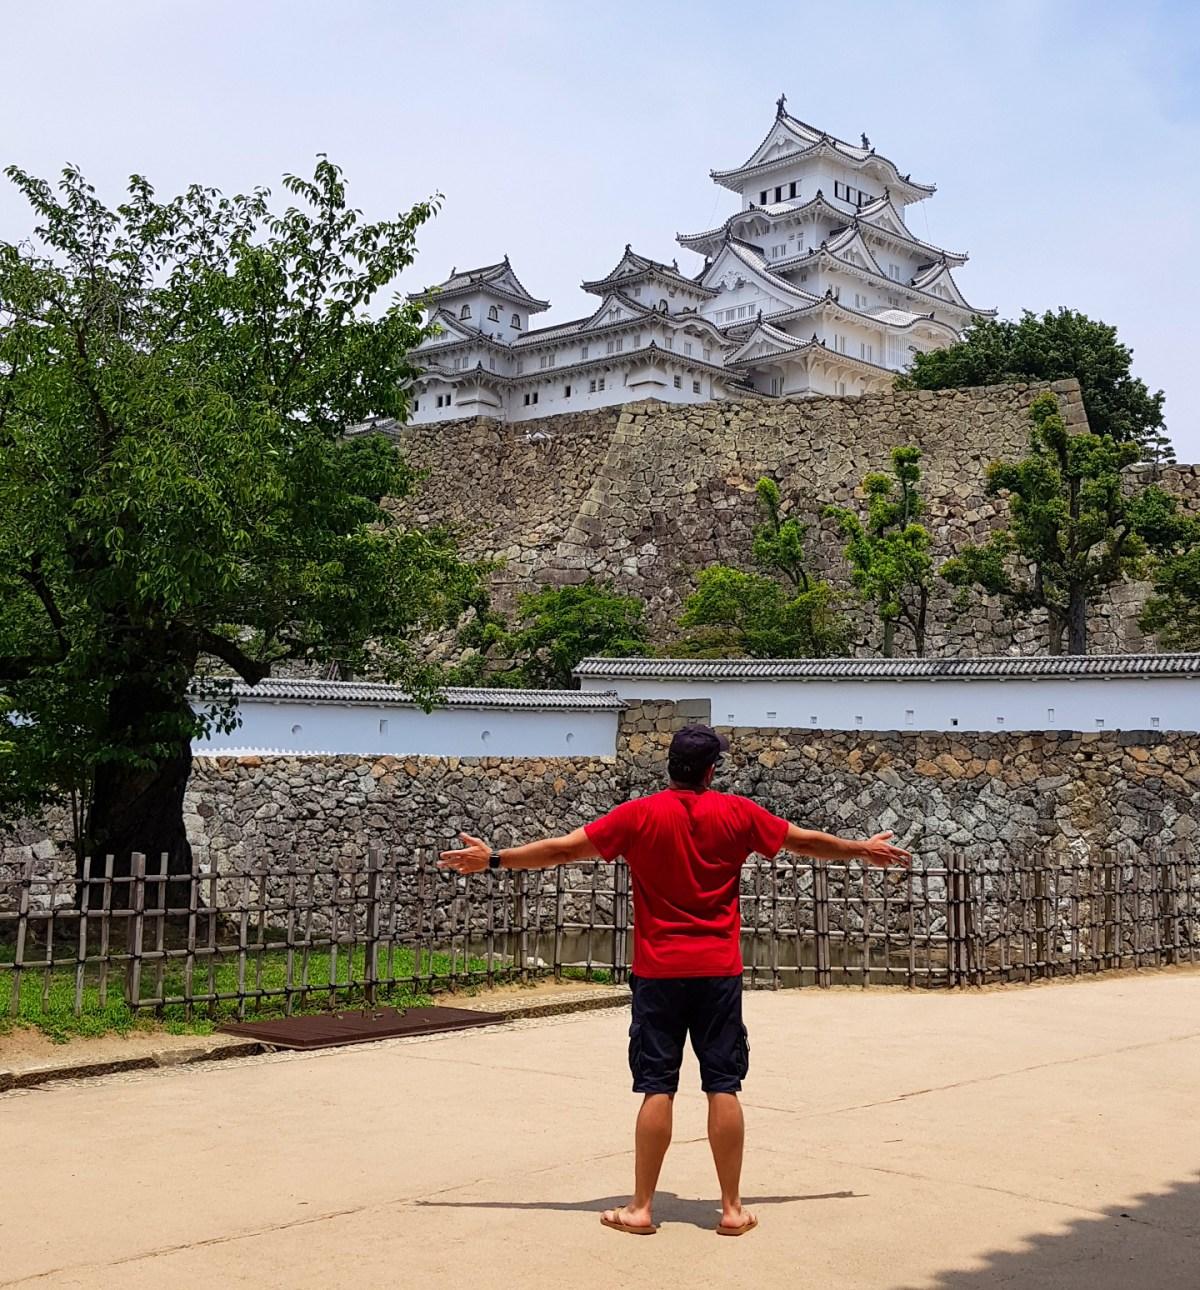 Castillo de Himeji - Viajar a Japón - ruta por Japón en dos semanas ruta por japón en dos semanas - 36507661340 976ac262db o - Nuestra Ruta por Japón en dos semanas (Diario de Viaje a Japón)